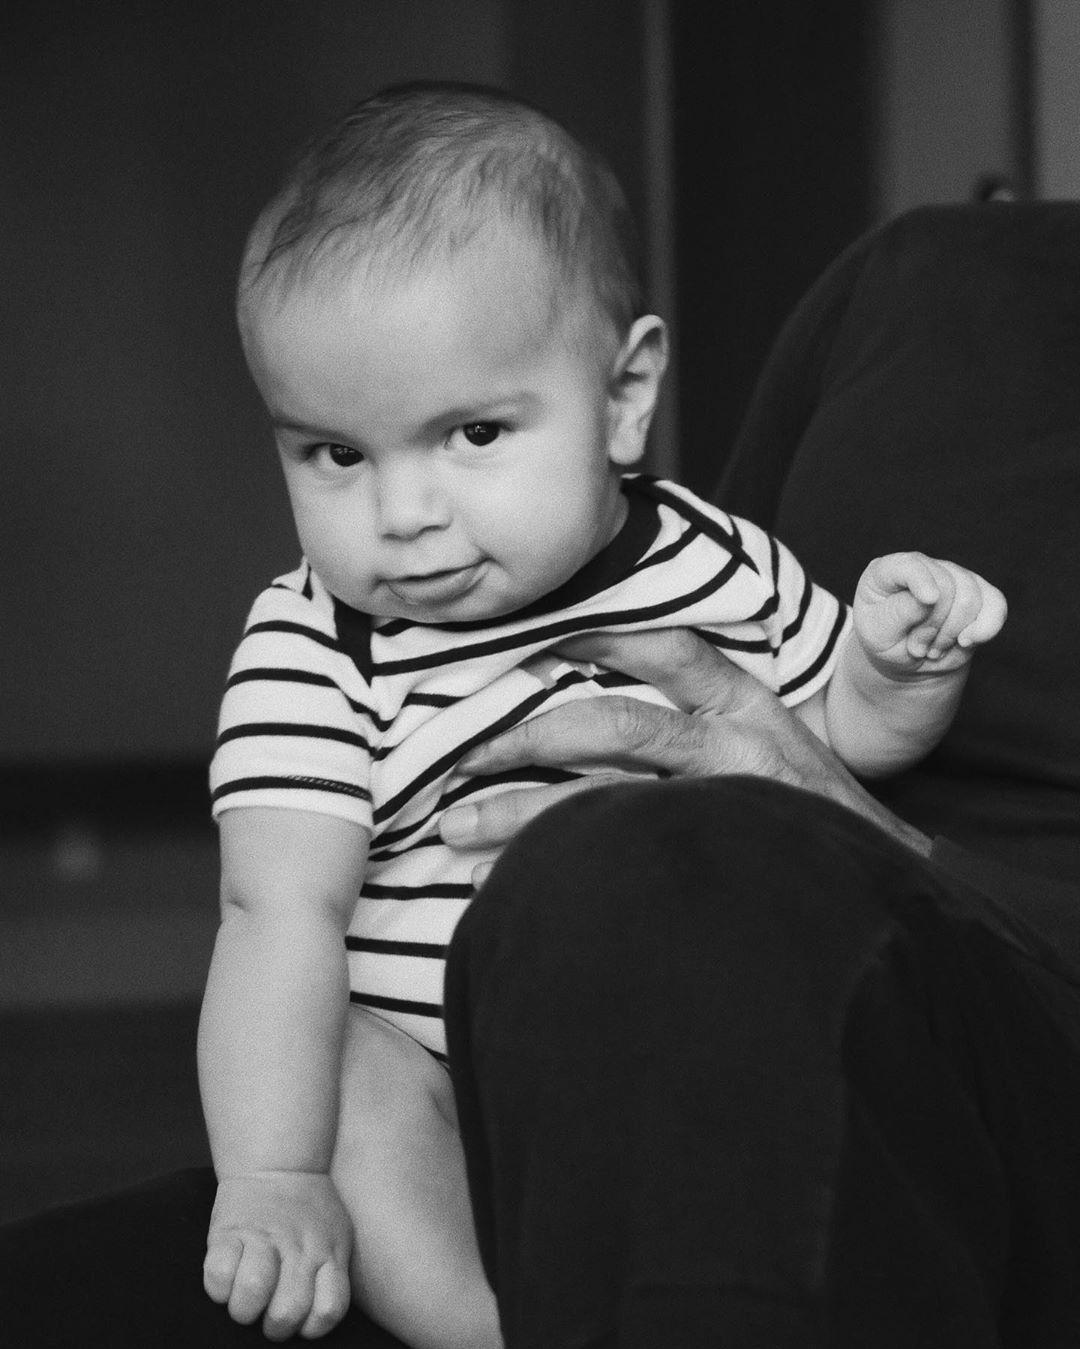 младший сын рики мартина